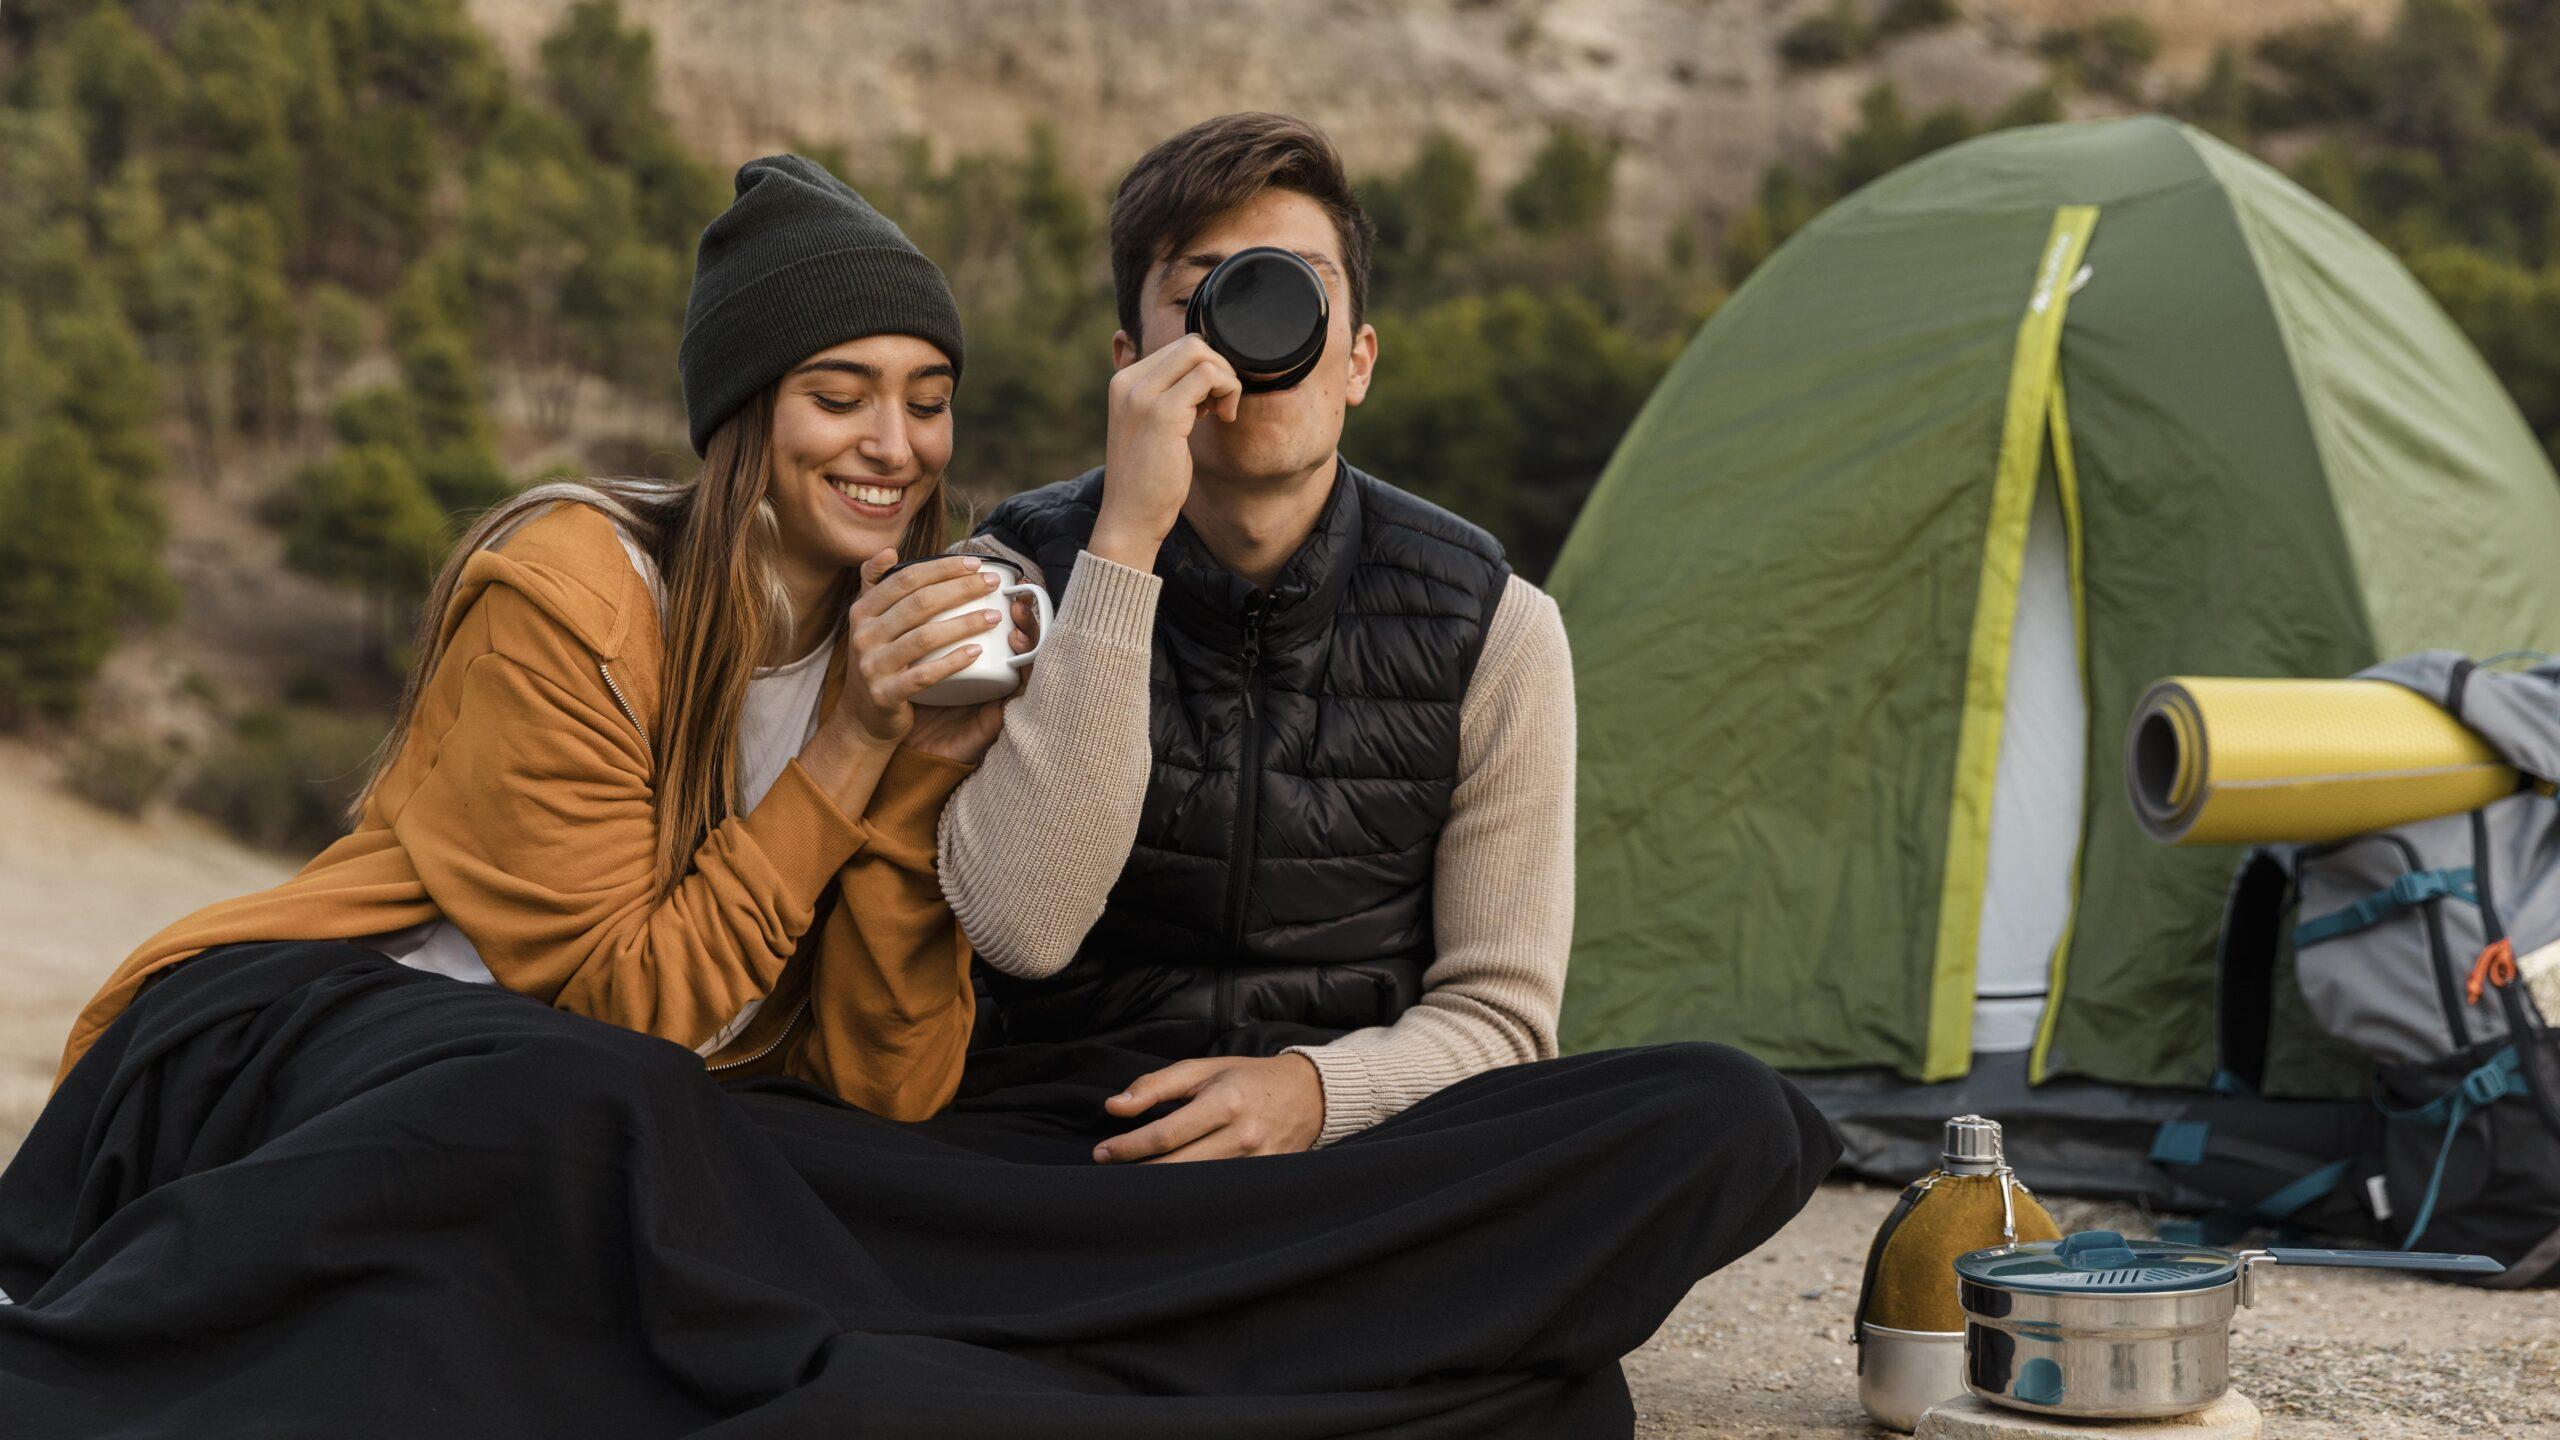 Moreno informa sobre la comercialización de experiencias turísticas